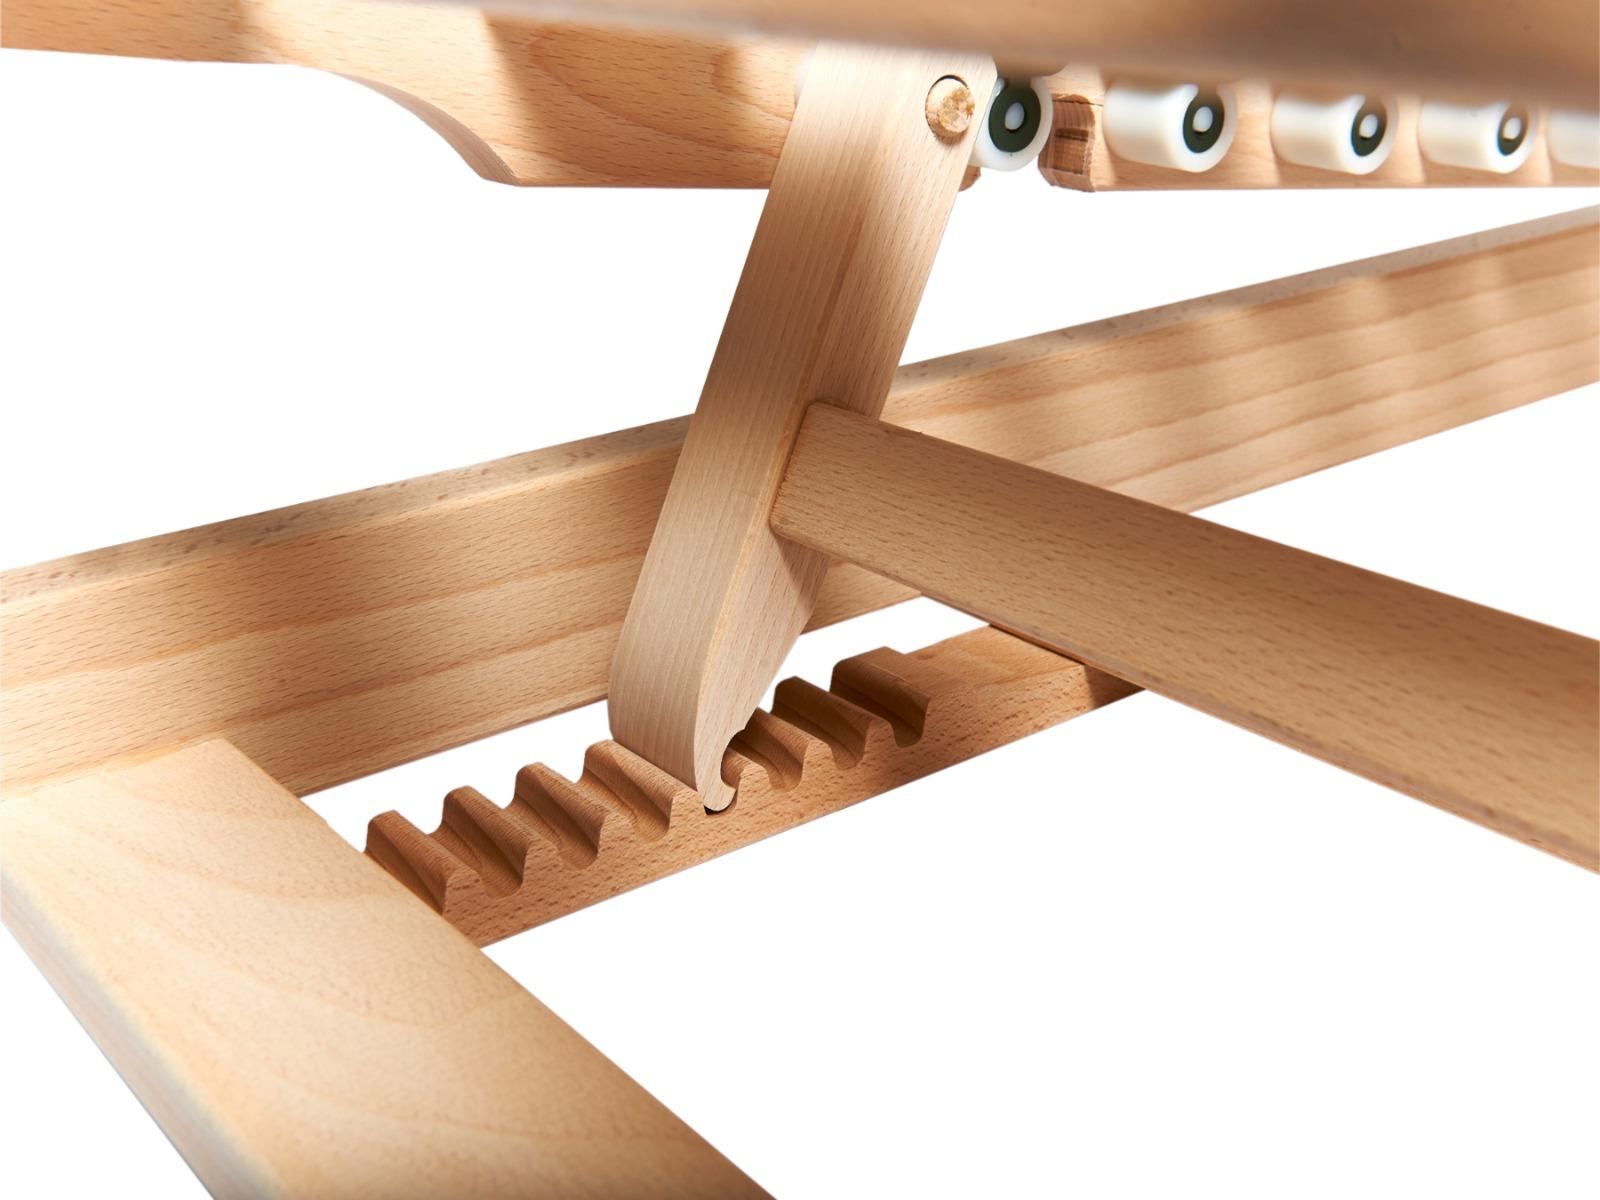 Kopfteilverstellung mit 8-fach Holzraster (12°–40° Neigung)